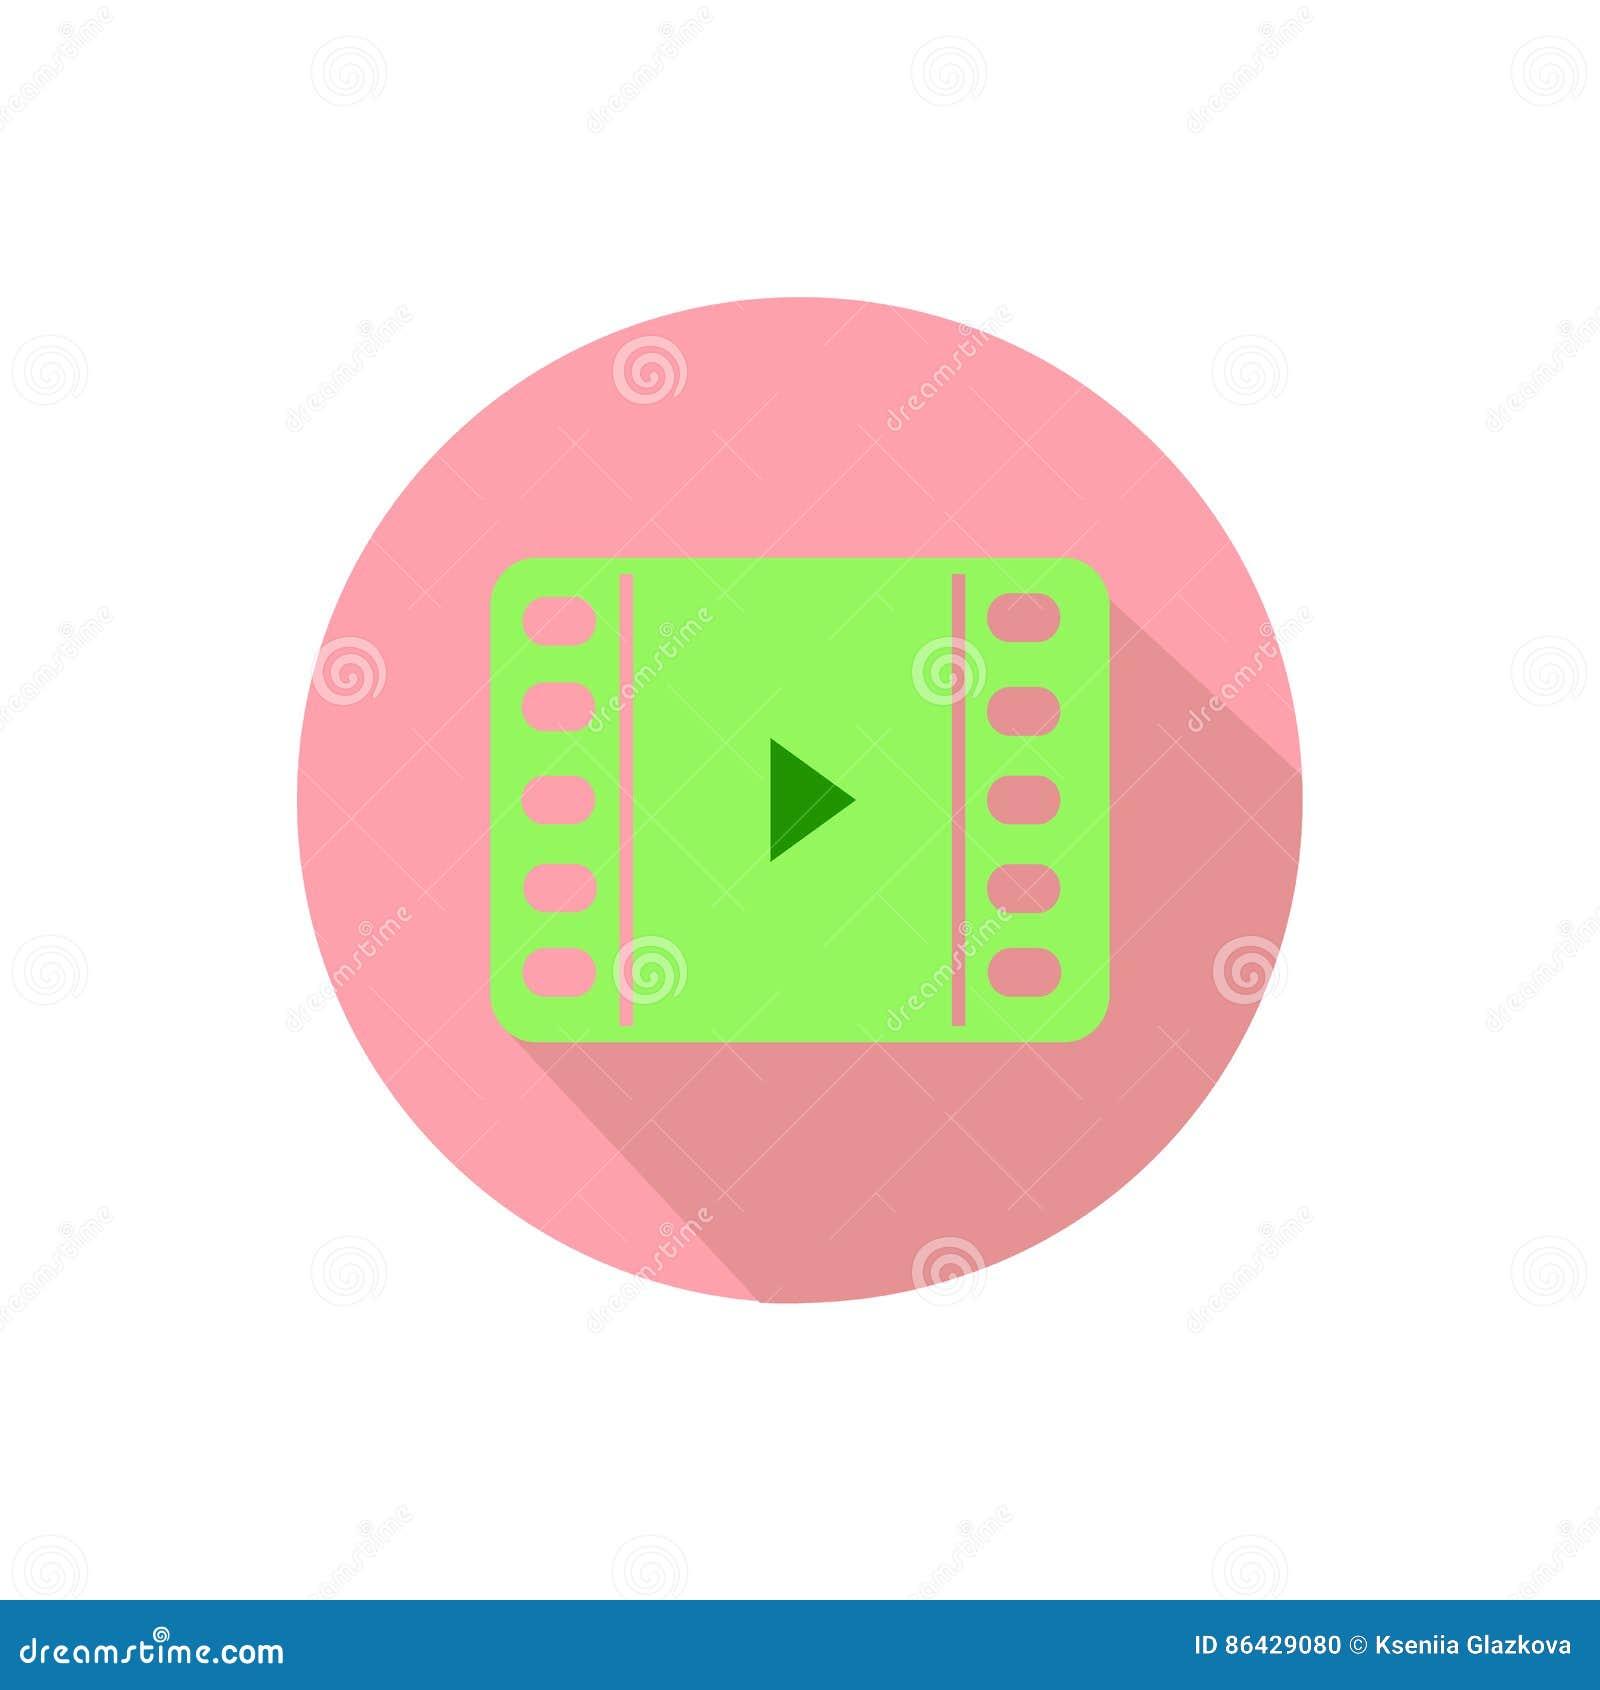 Jogo video em um branco em um círculo brilhante